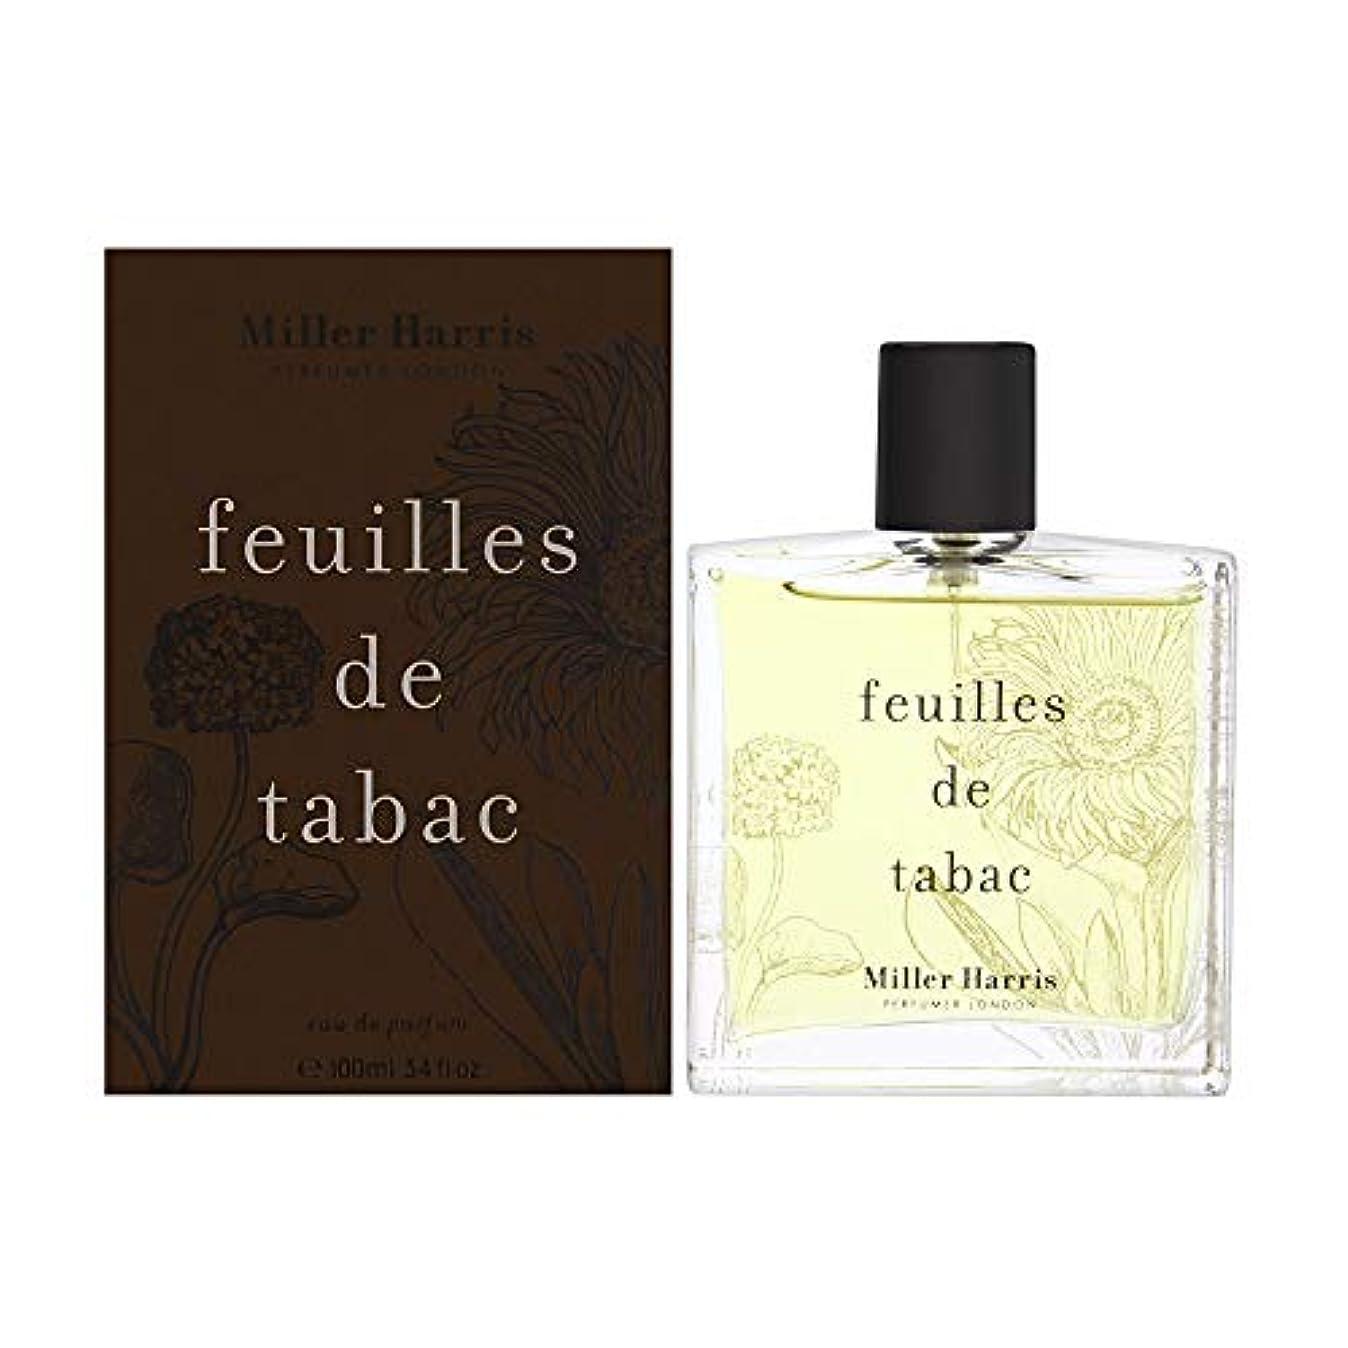 壁紙クリスチャンうんざりミラーハリス Feuilles De Tabac Eau De Parfum Spray 100ml/3.4oz並行輸入品